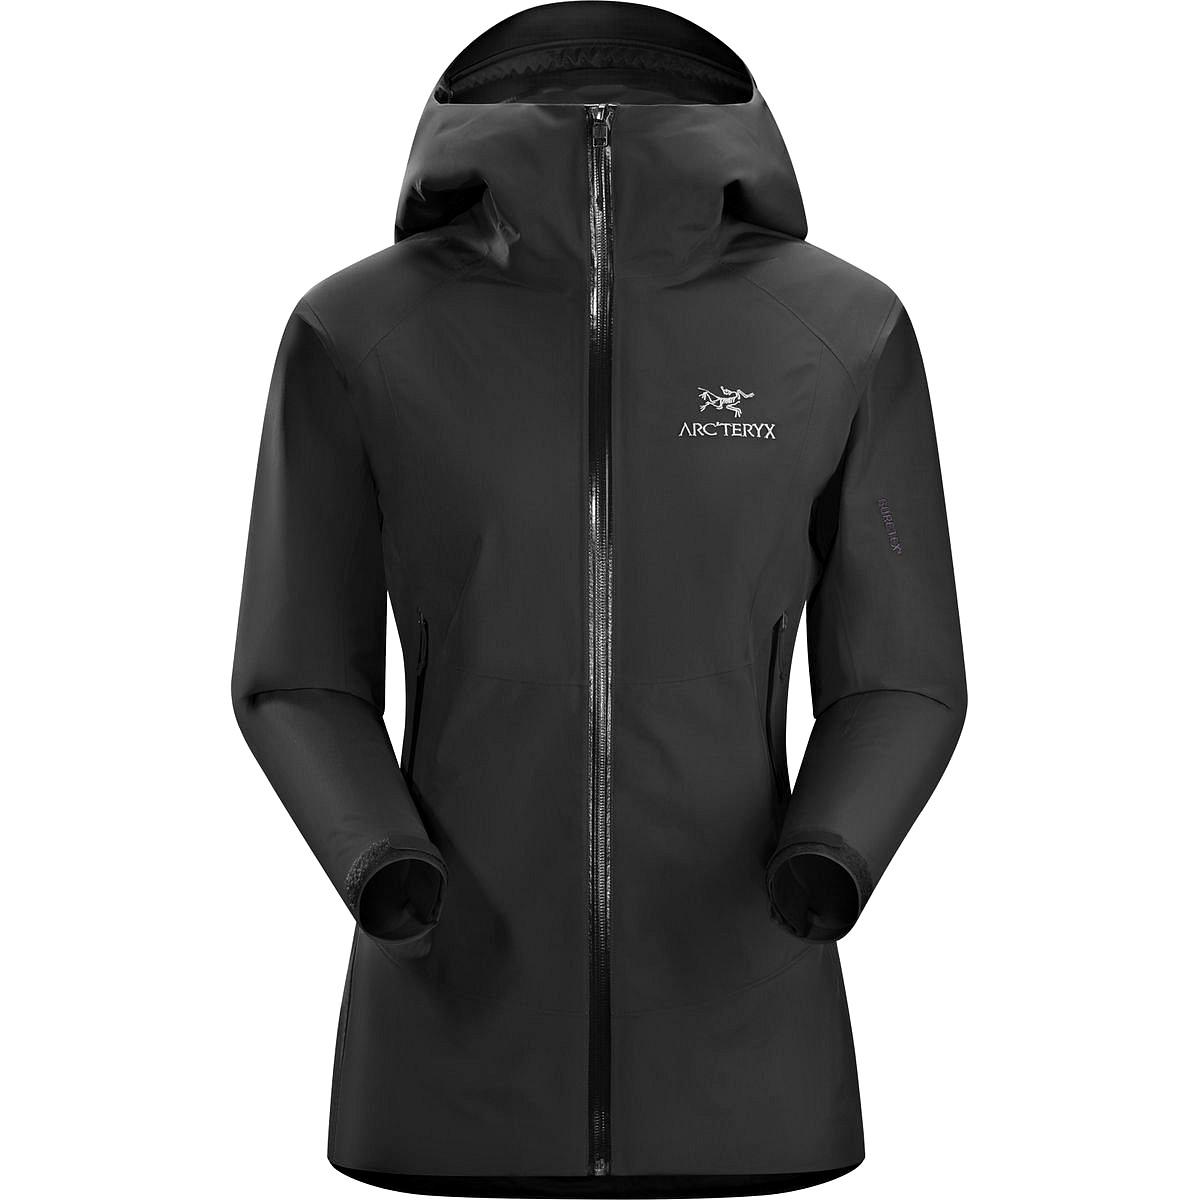 Good The Best Waterproof Jacket For Ireland